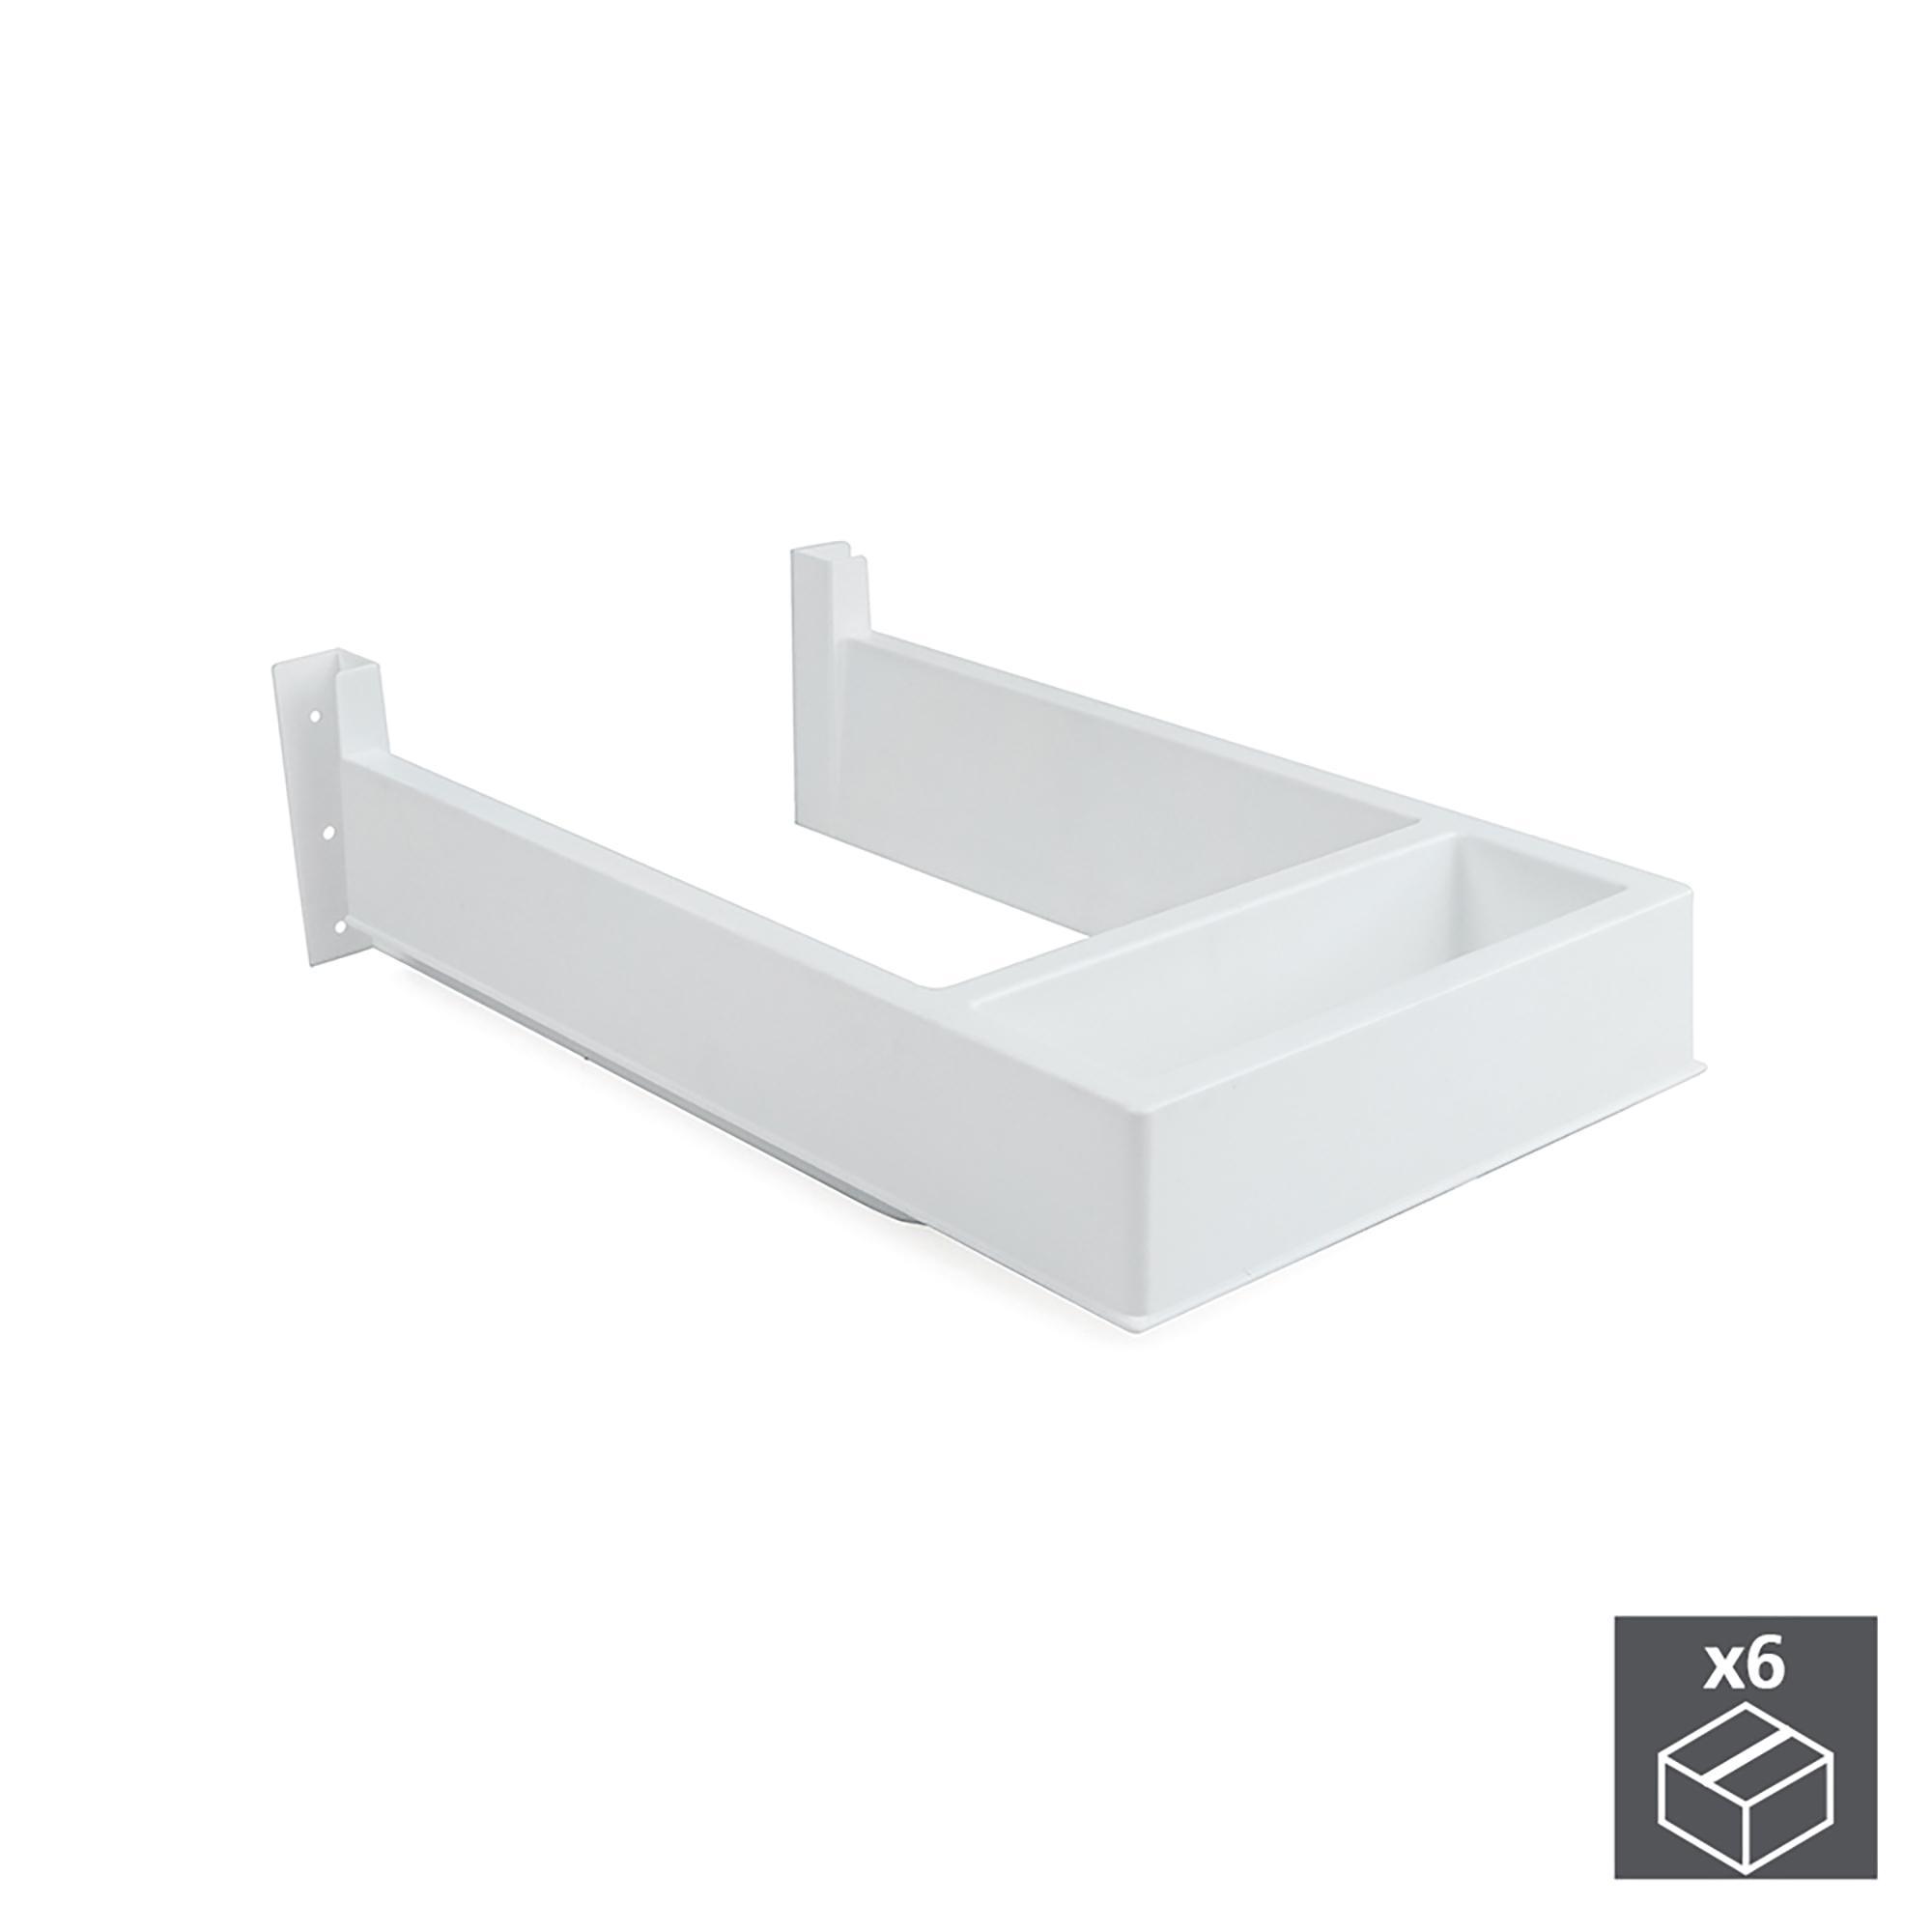 Organiser Meuble Sous Evier sous-évier rectangulaire pour les tiroirs sous-vasque de la